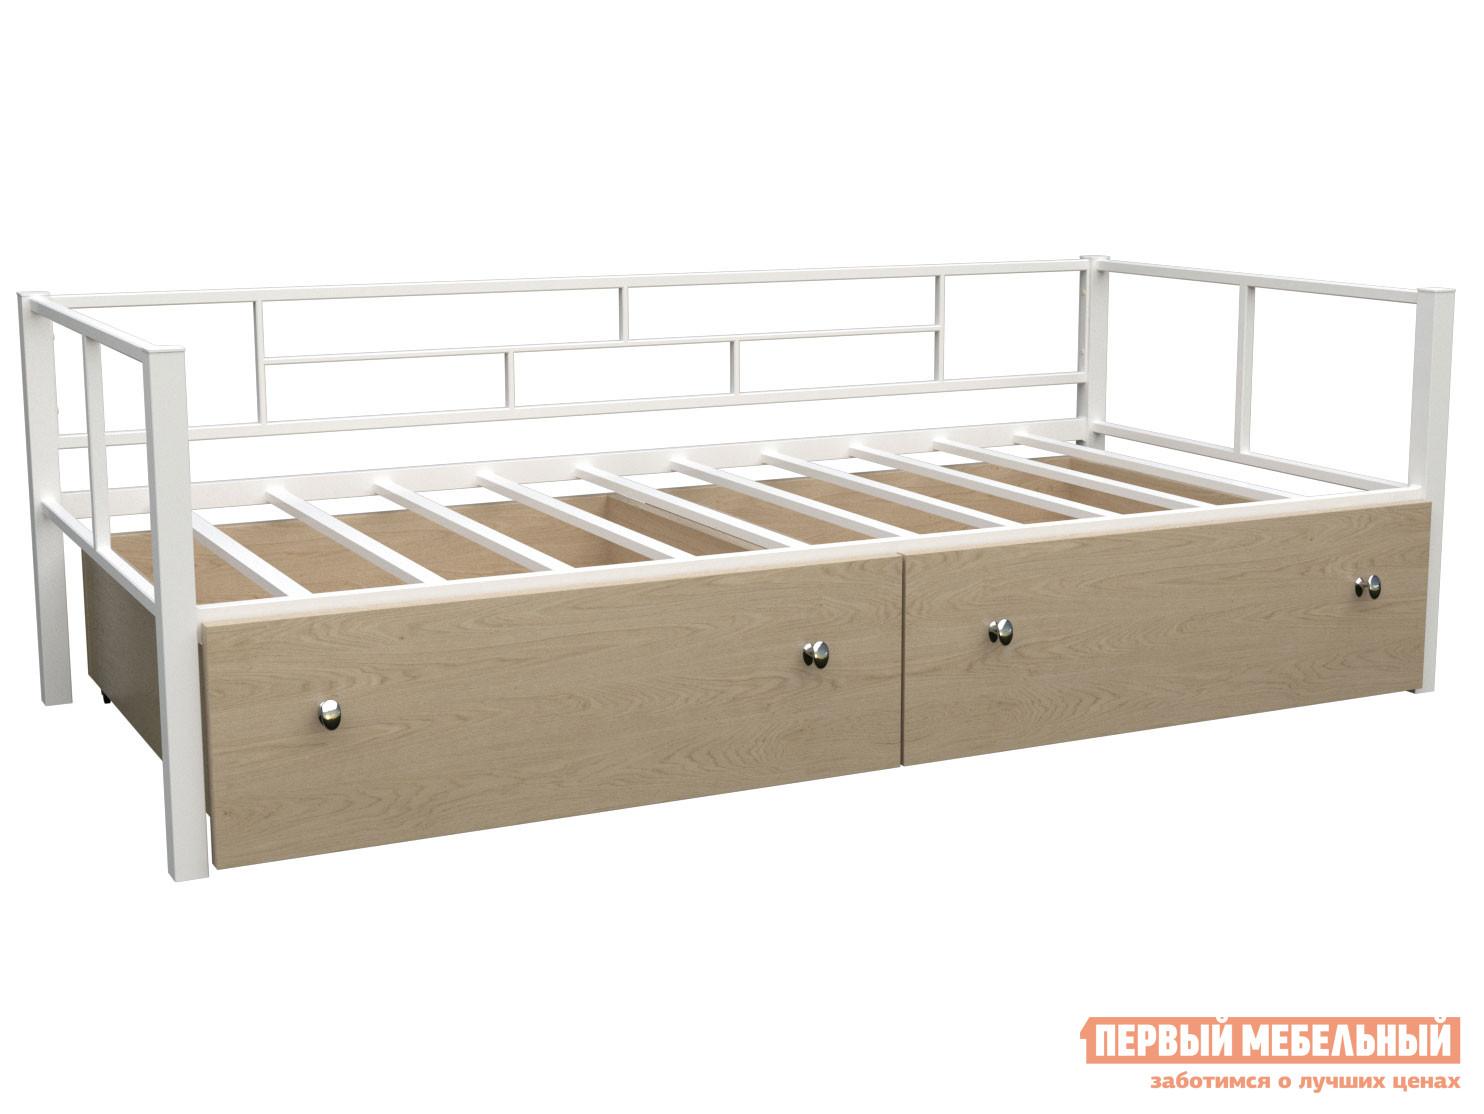 Детская кровать МФ 4 Сезона Кровать Арга с ящиками